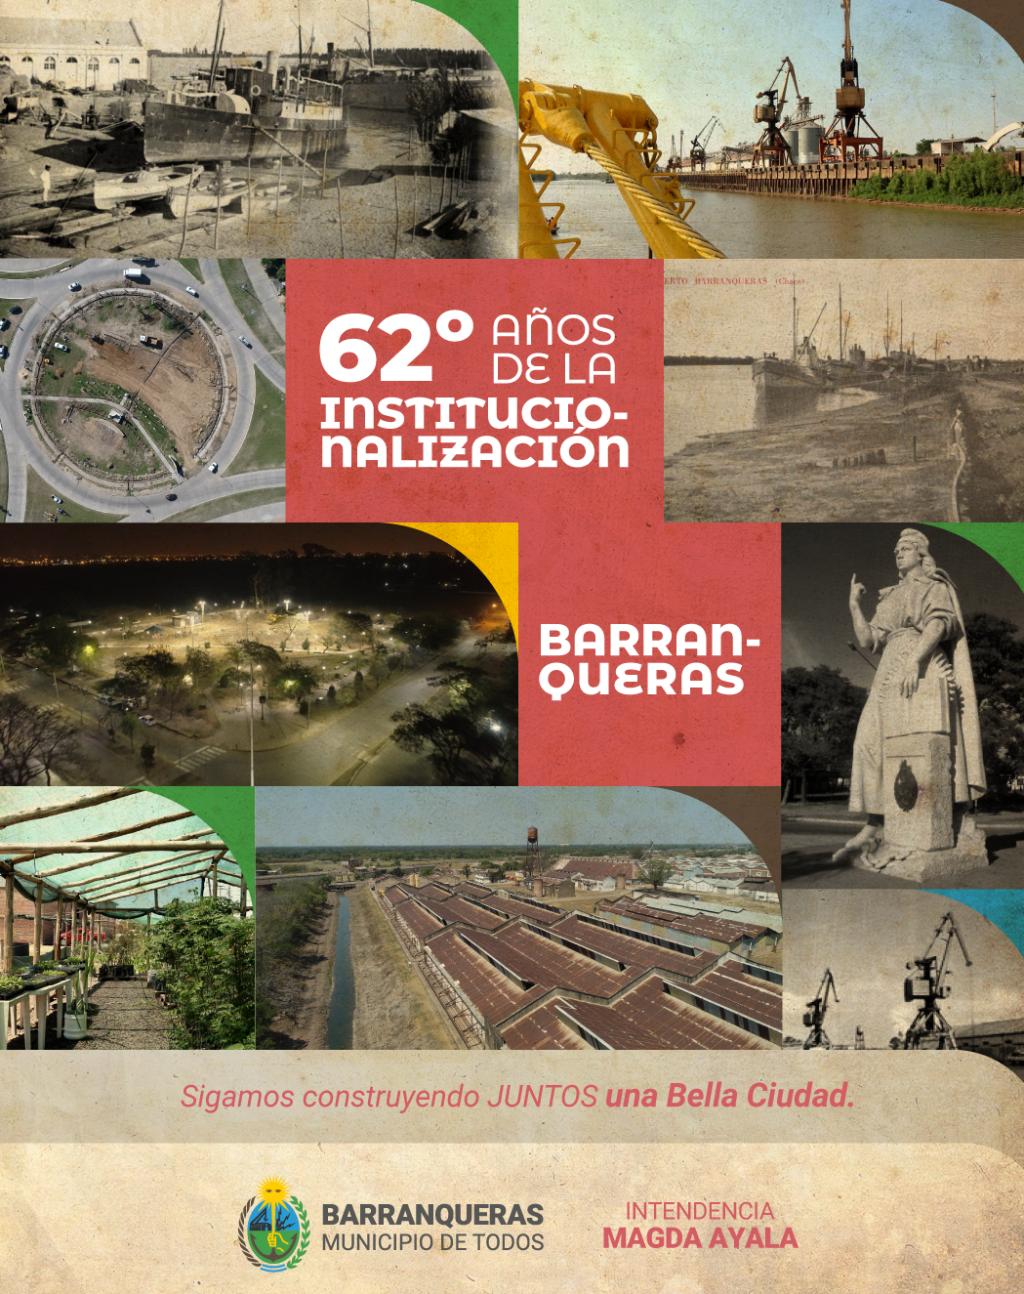 Barranqueras celebra 62 años de autonomía municipal